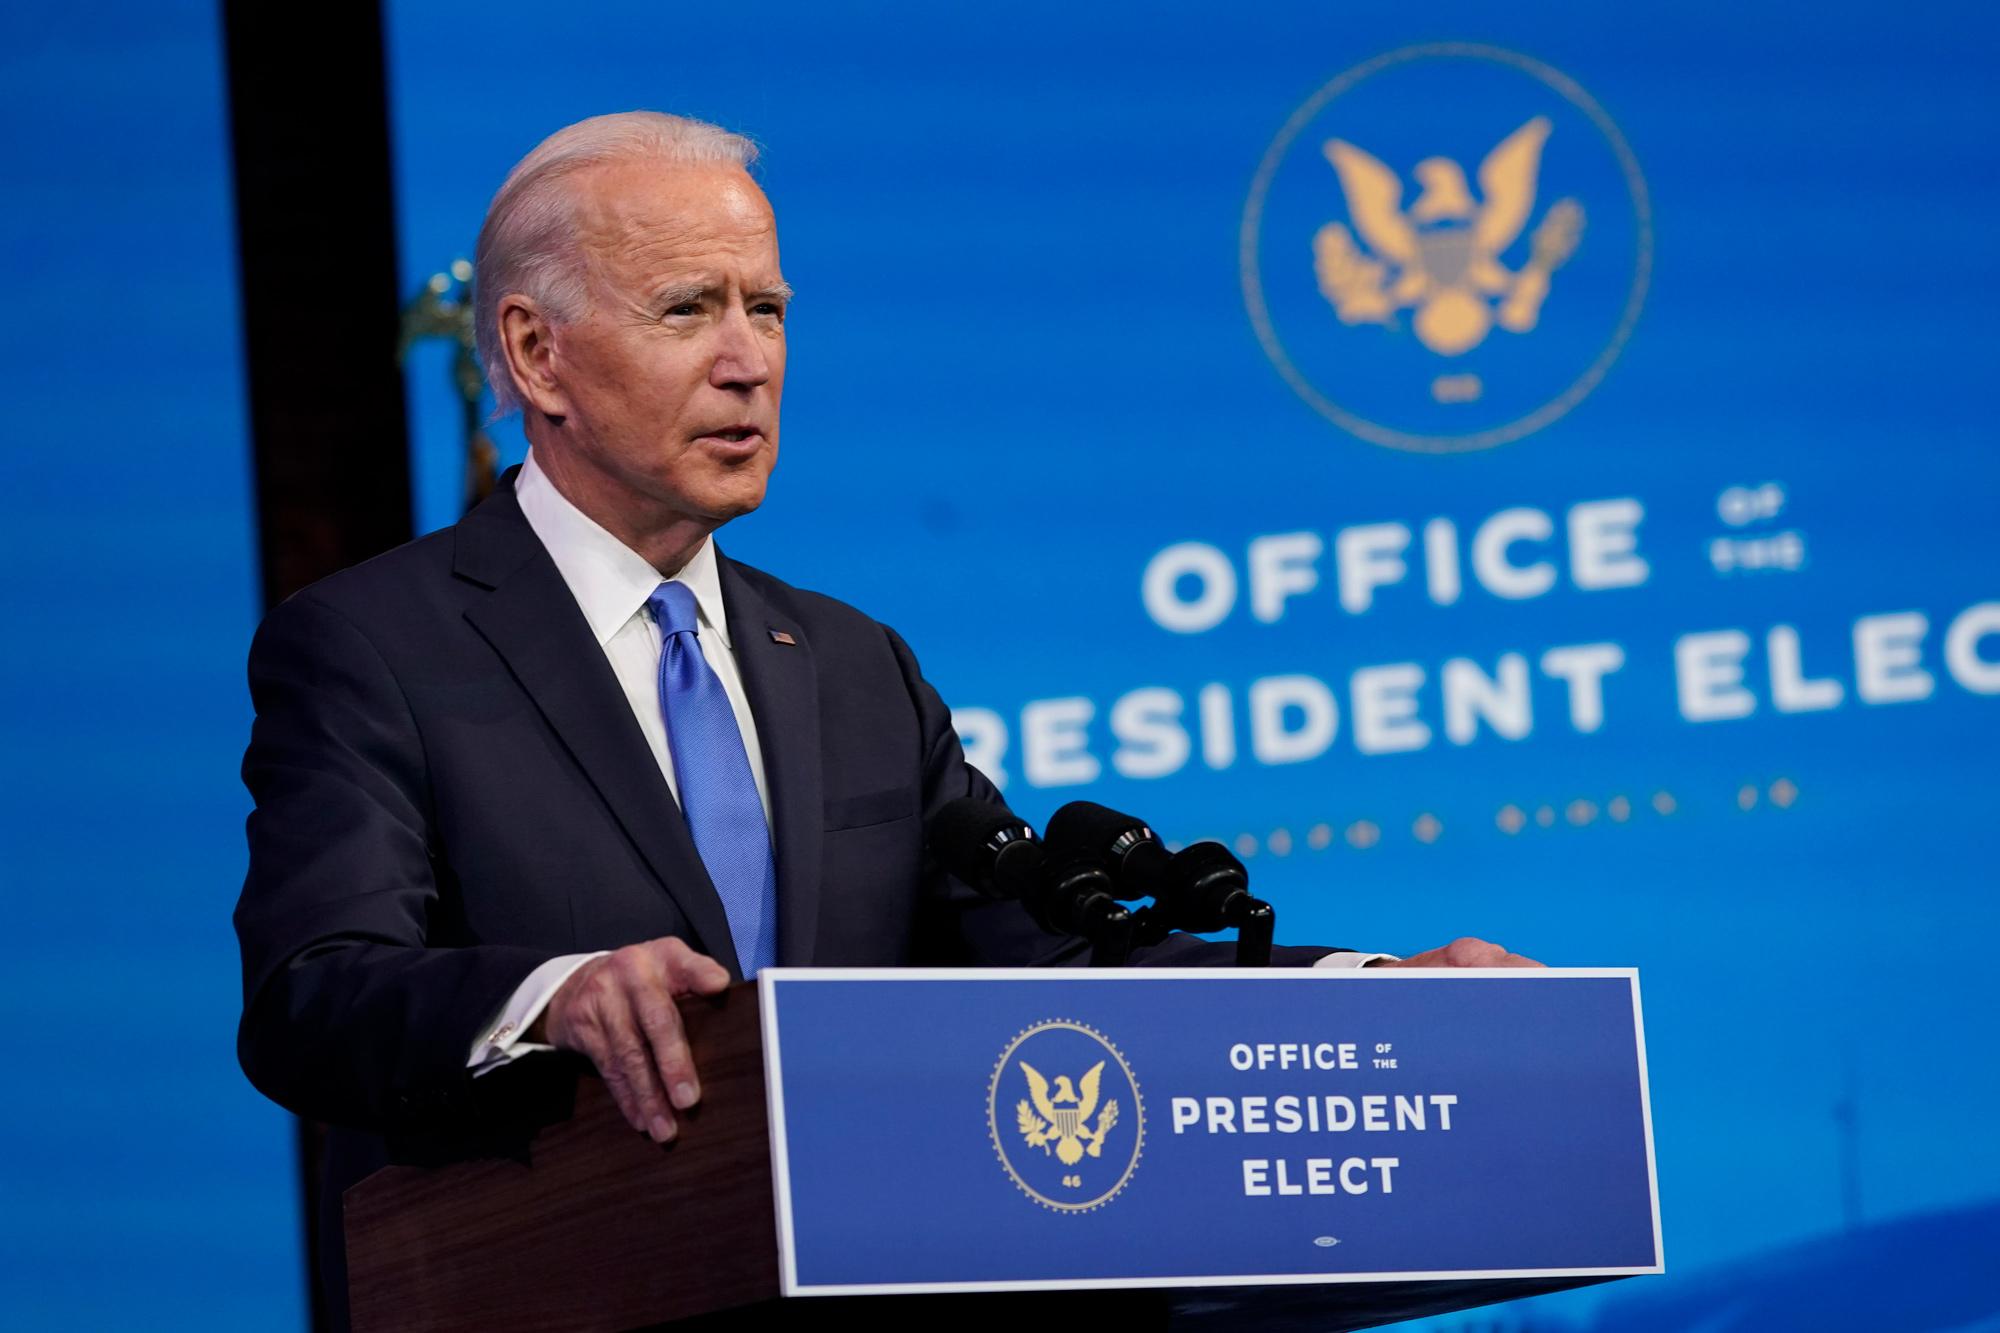 President-elect Joe Biden speaks on December 14 at The Queen theater in Wilmington, Delaware.